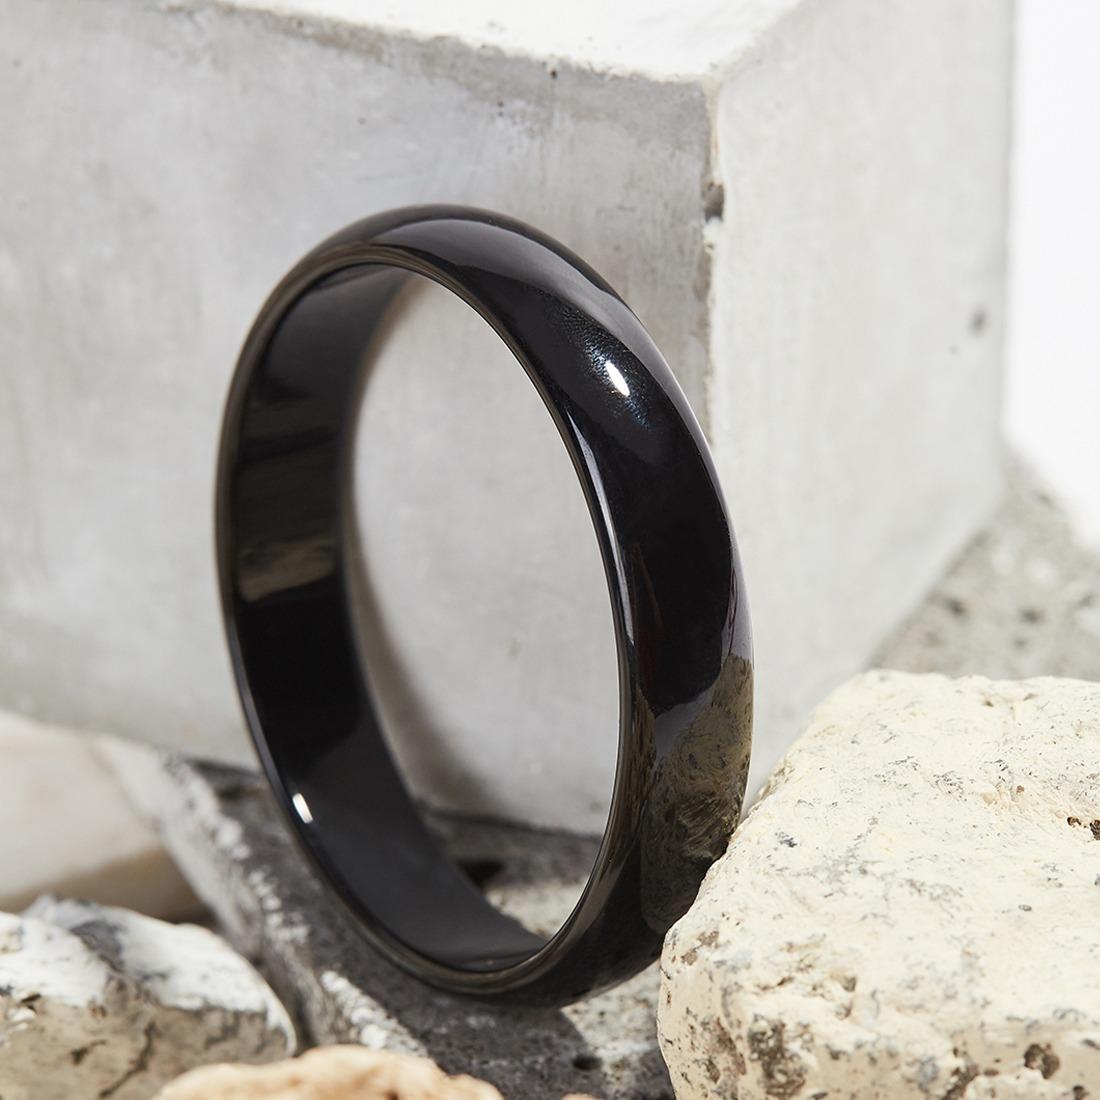 Vòng tay đá mã não đen Ngọc Quý Gemstones với màu đen tuyền không lẫn tạp chất hay vân màu. Vòng có đa dạng kích cỡ, hợp với nhiều cỡ cổ tay, đường kính 52-58 mm. Sản phẩm có giá 279.000 đồng, giảm 50% so với giá gốc.